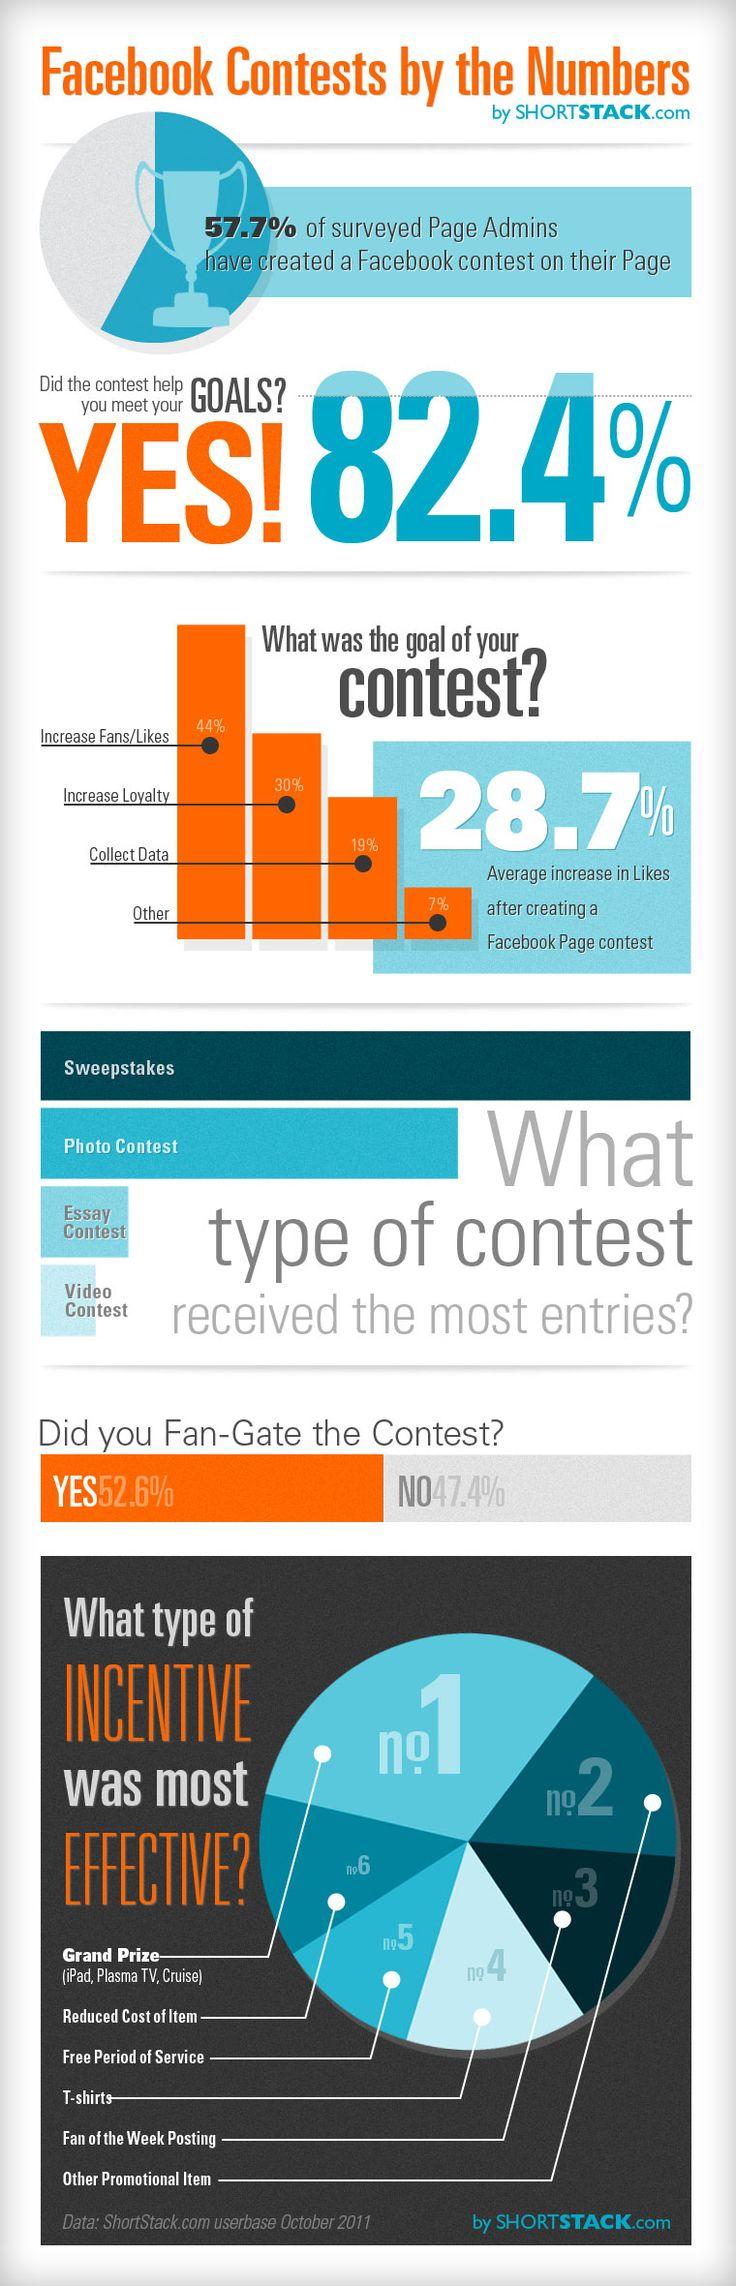 Infographies sur les concours Facebook et leurs feedbacks :   - 82,4% des concours Facebook réalisent les objectifs définis préalablement  - 44% ont pour objectif de développer leur nombre de fans  - Les plus efficaces sont ceux proposant un grand prix à gagner.